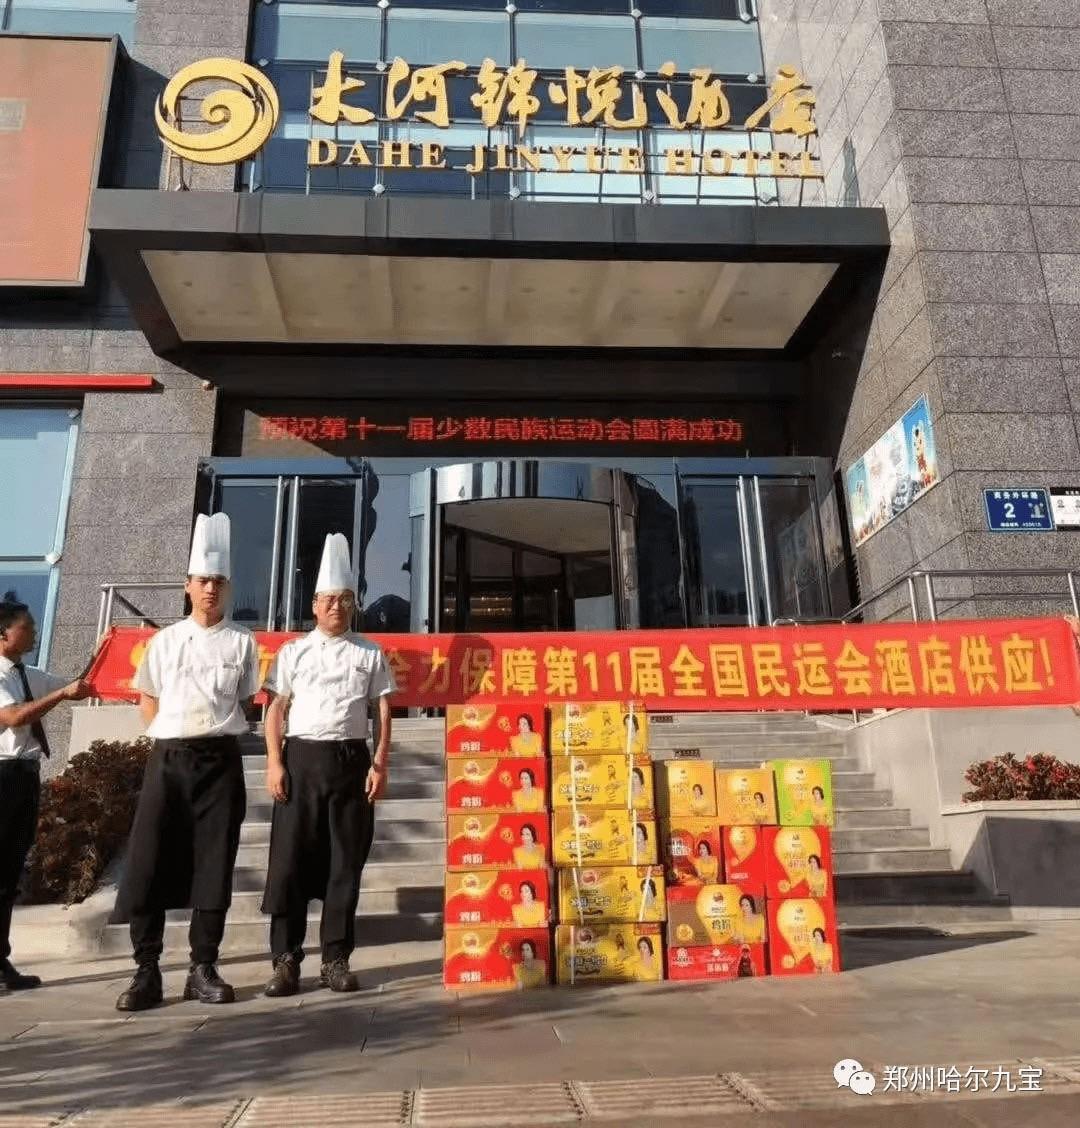 第十一届全国民族运动会在郑州举办 哈尔龙8国际最新官网为民族运动会指定供应商